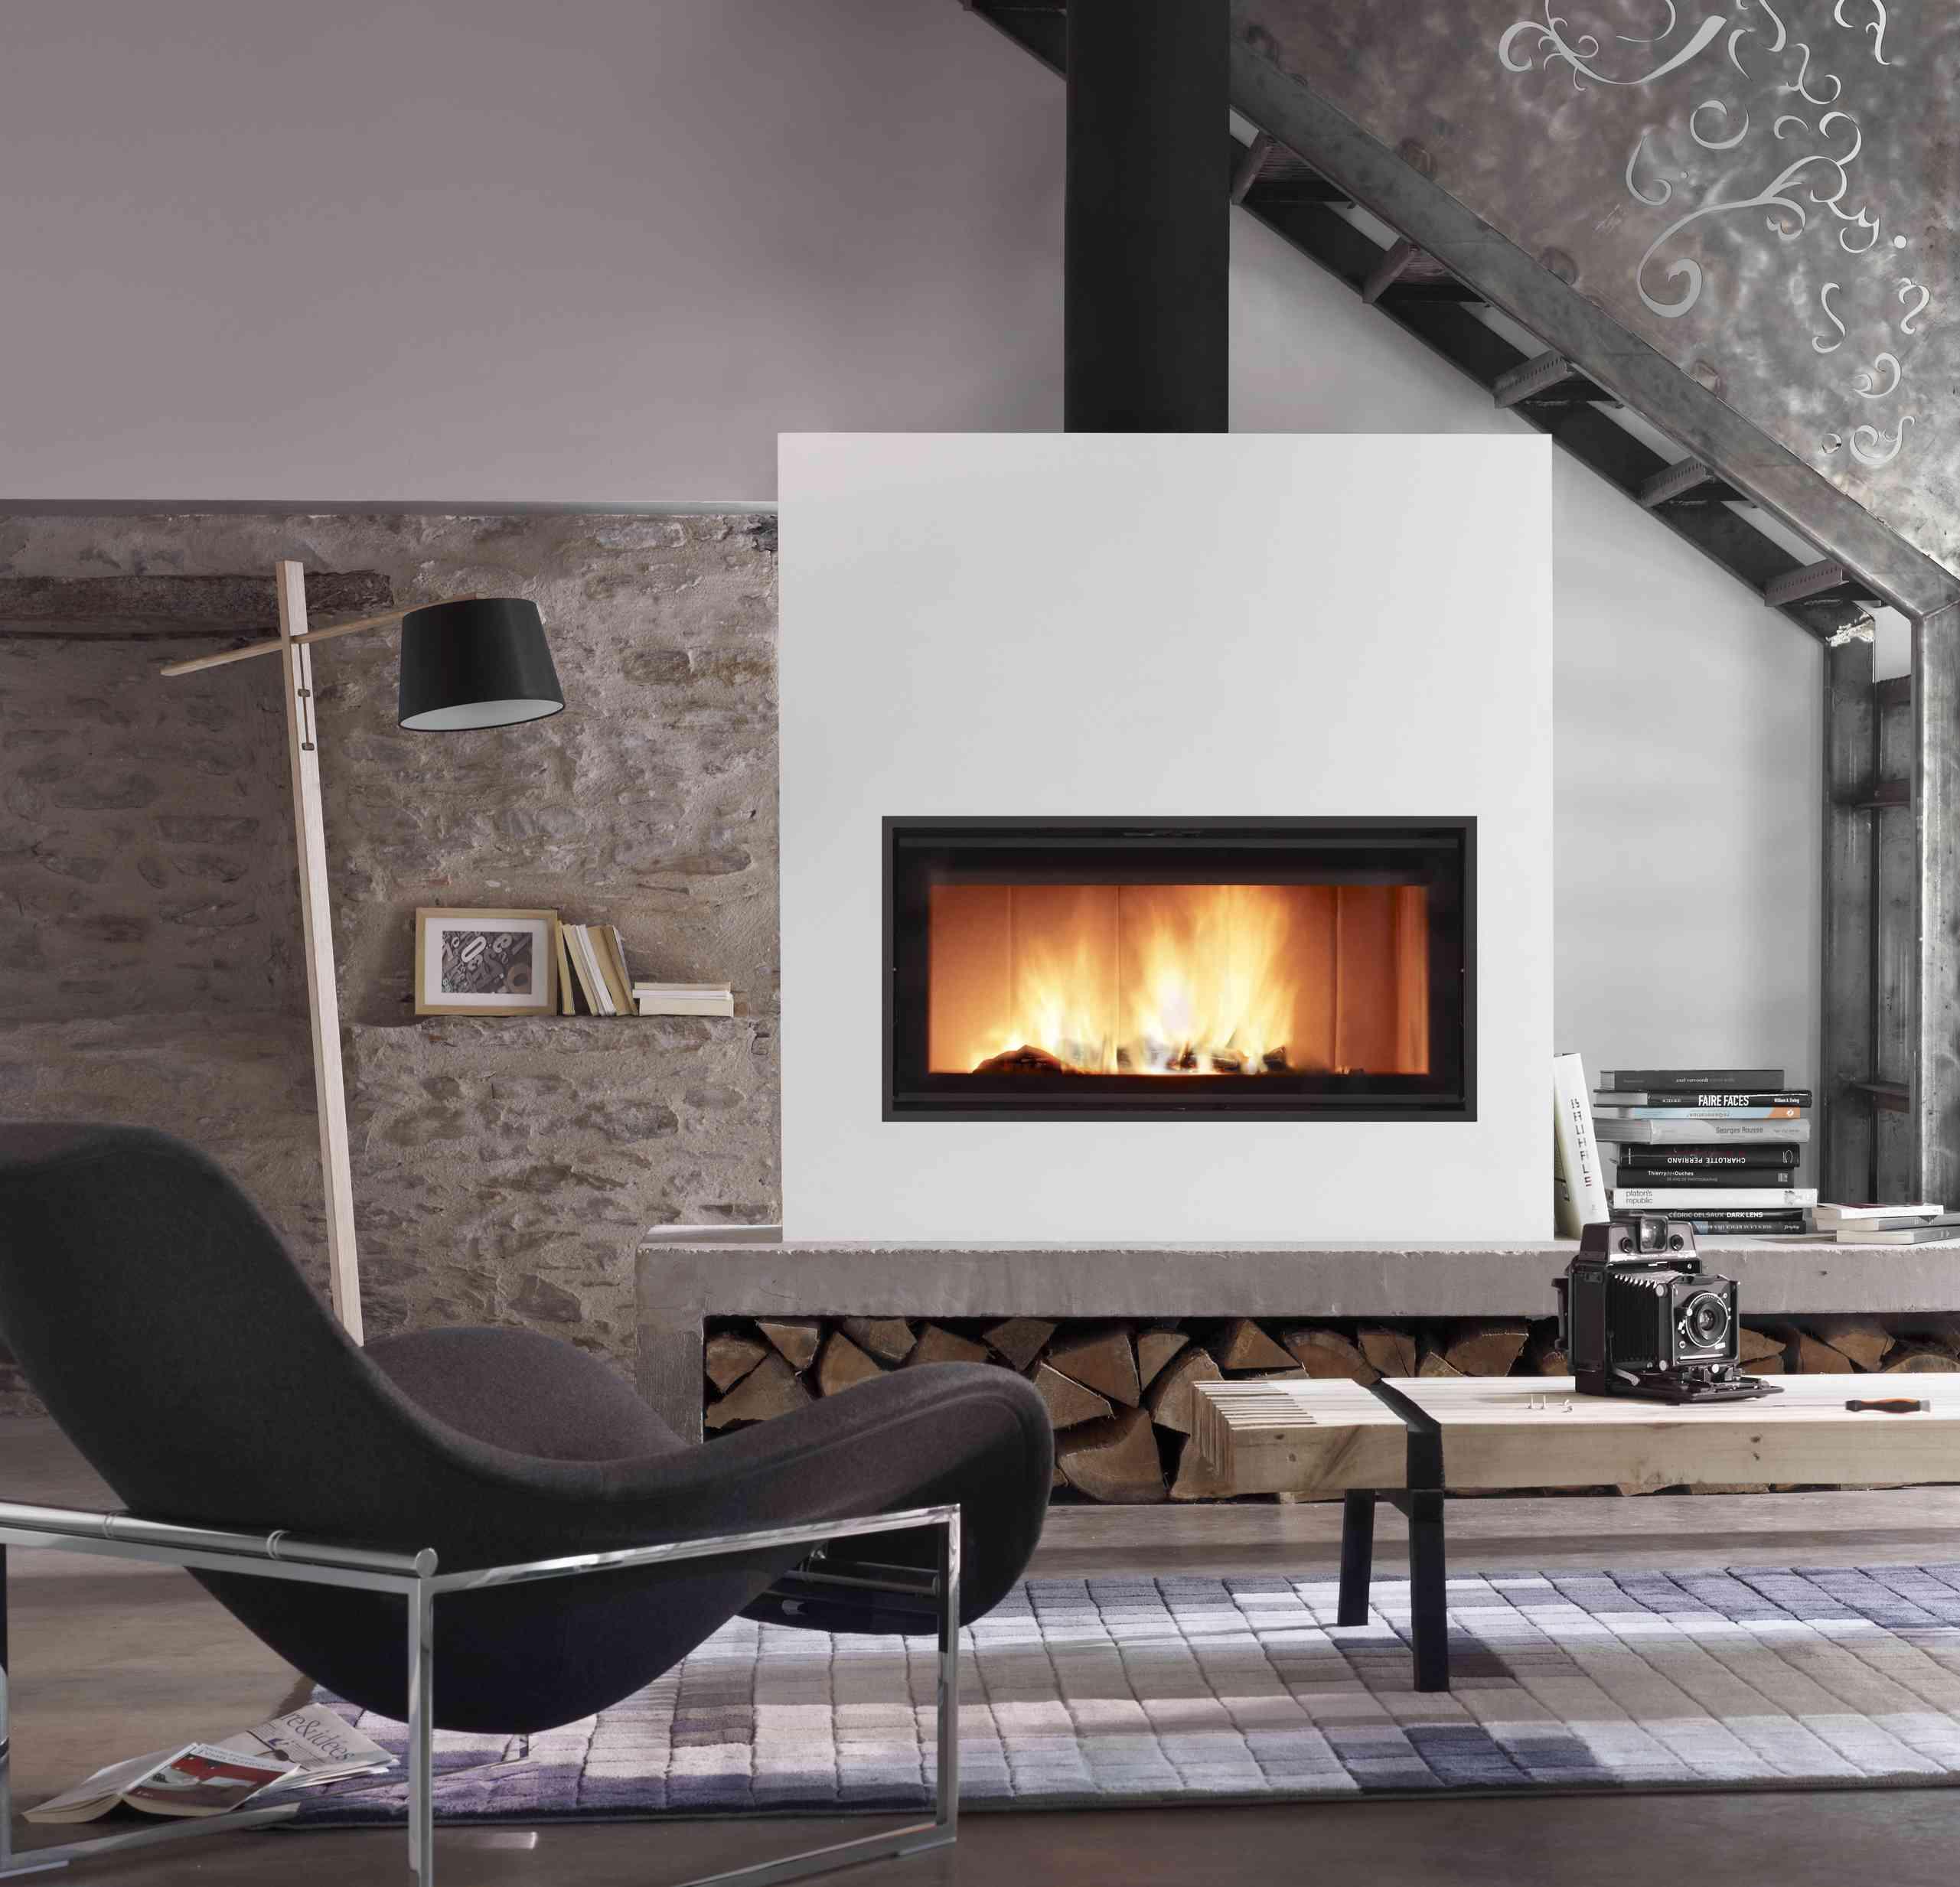 Guide des prix chemin e 2018 for Habillage conduit cheminee exterieur